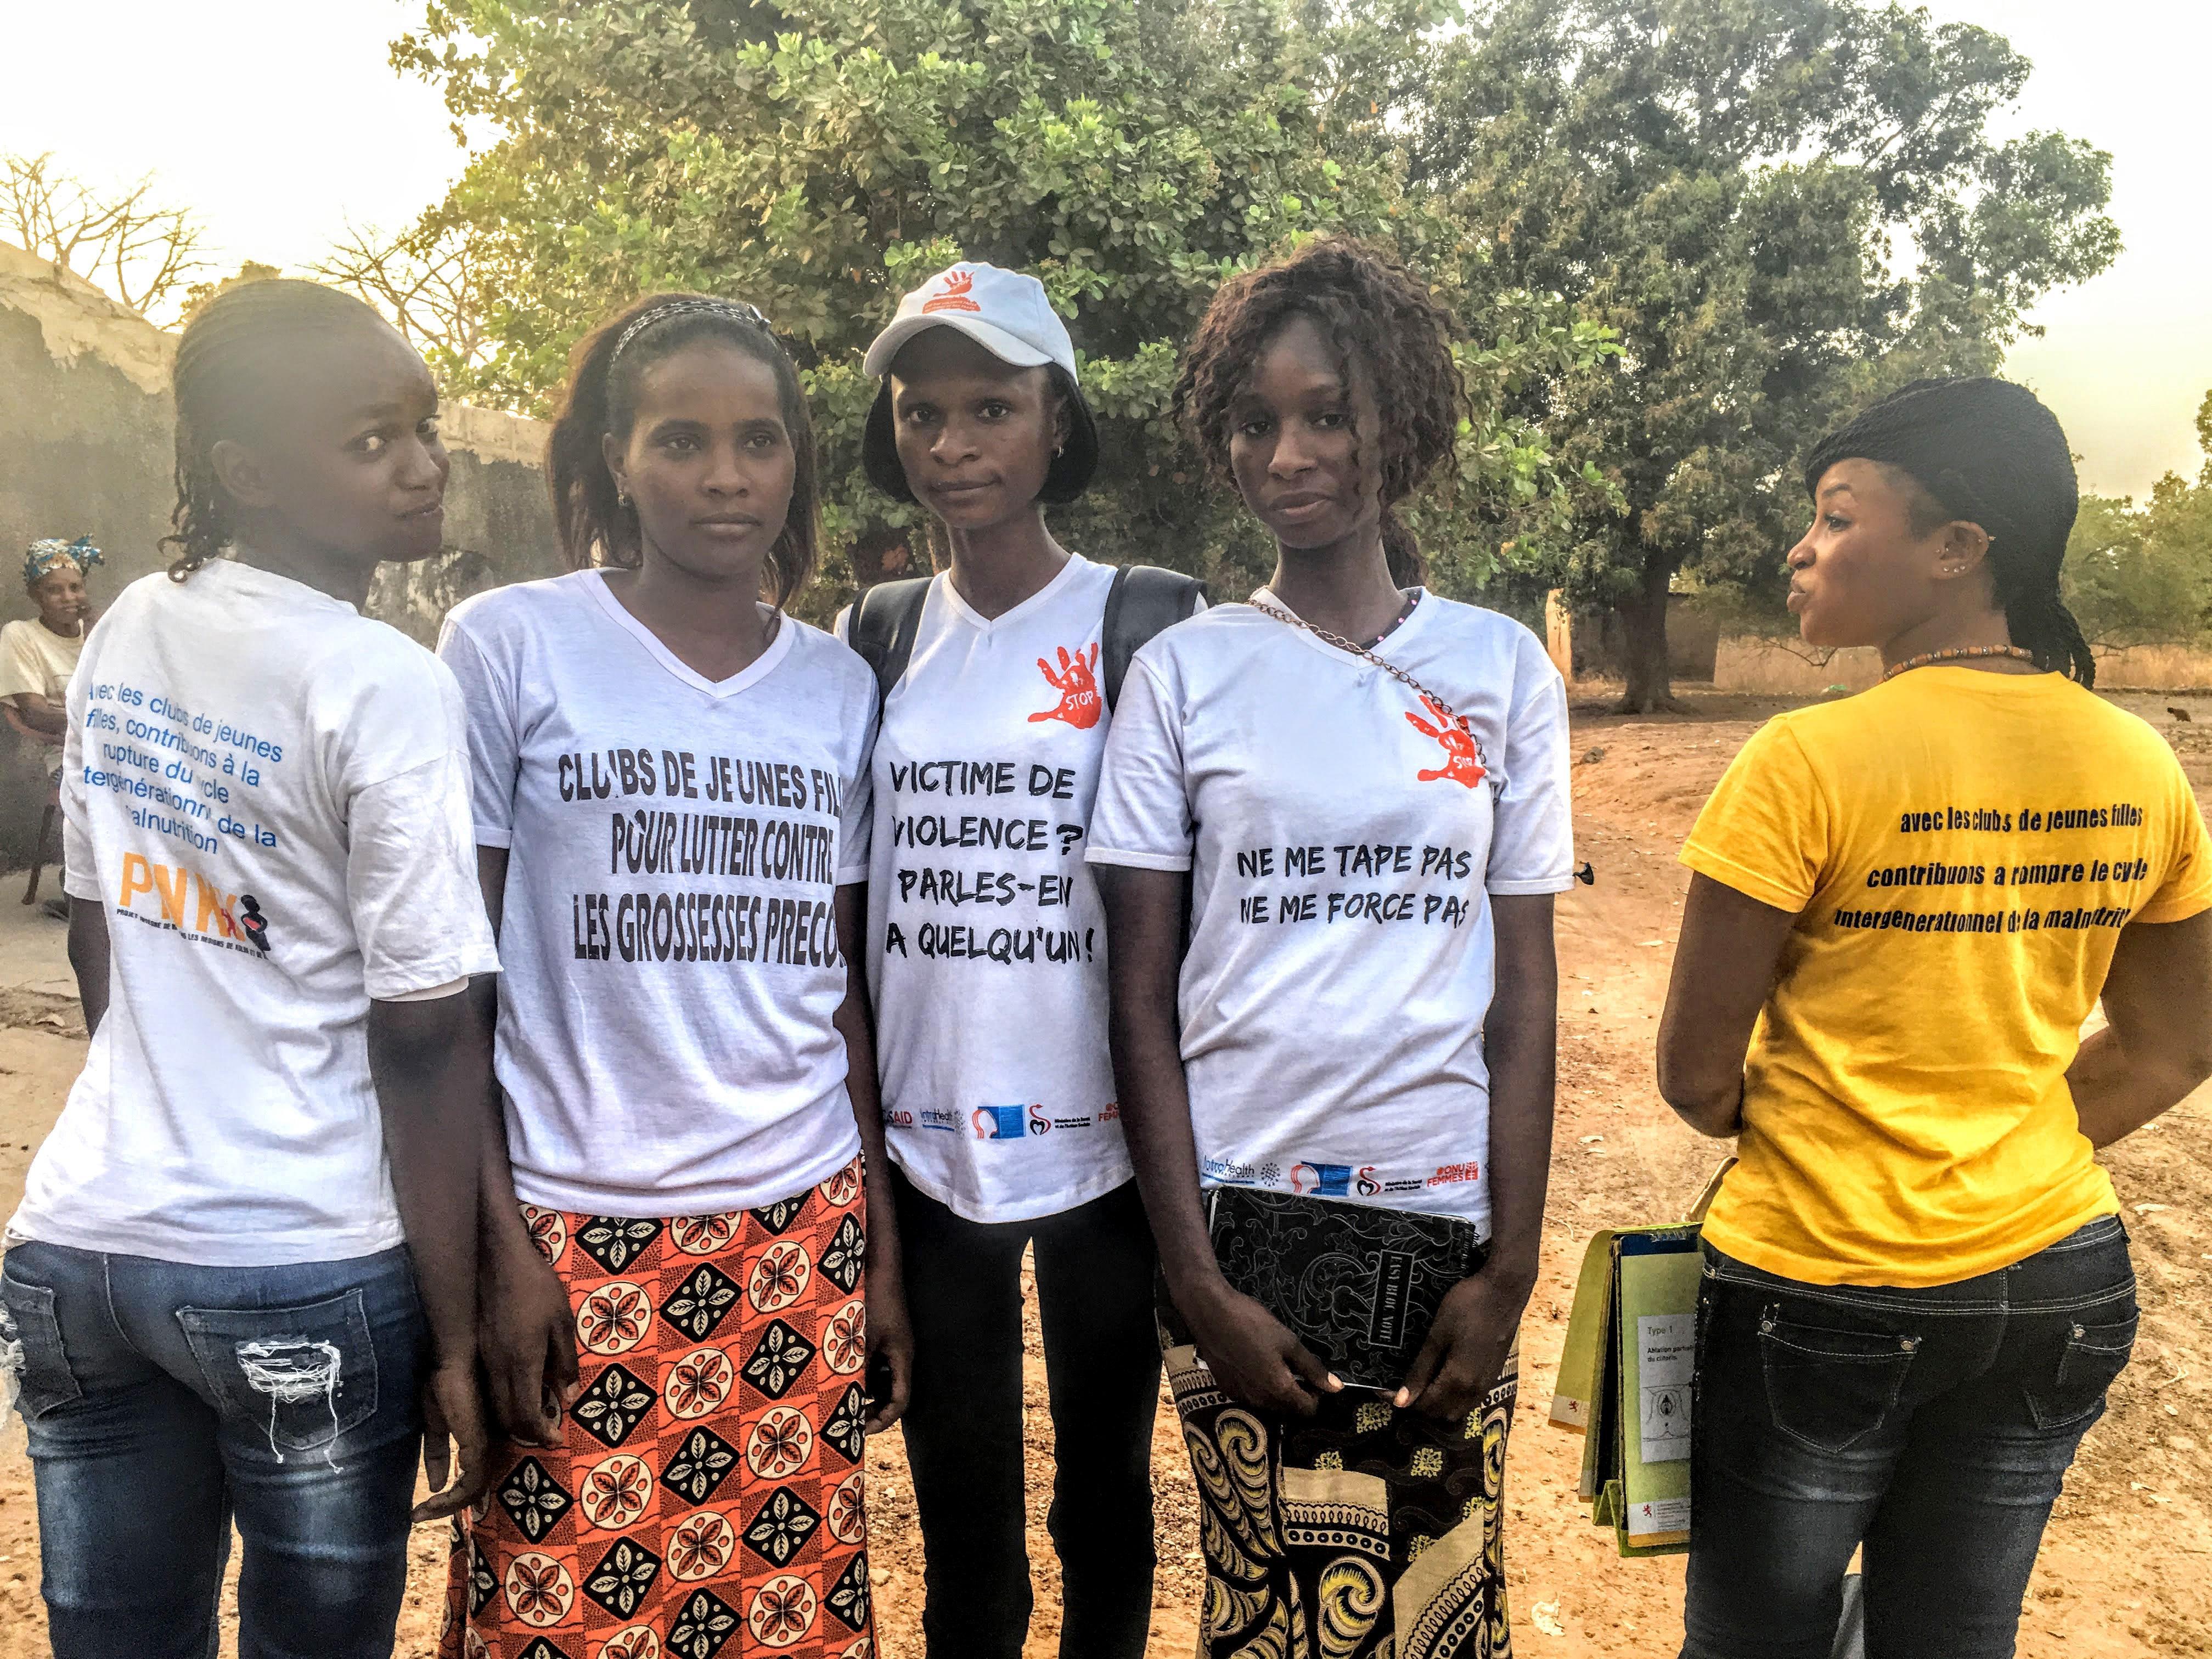 Sur leurs t-shirts, on peut lire des messages contre la violence ou les grossesses précoces.